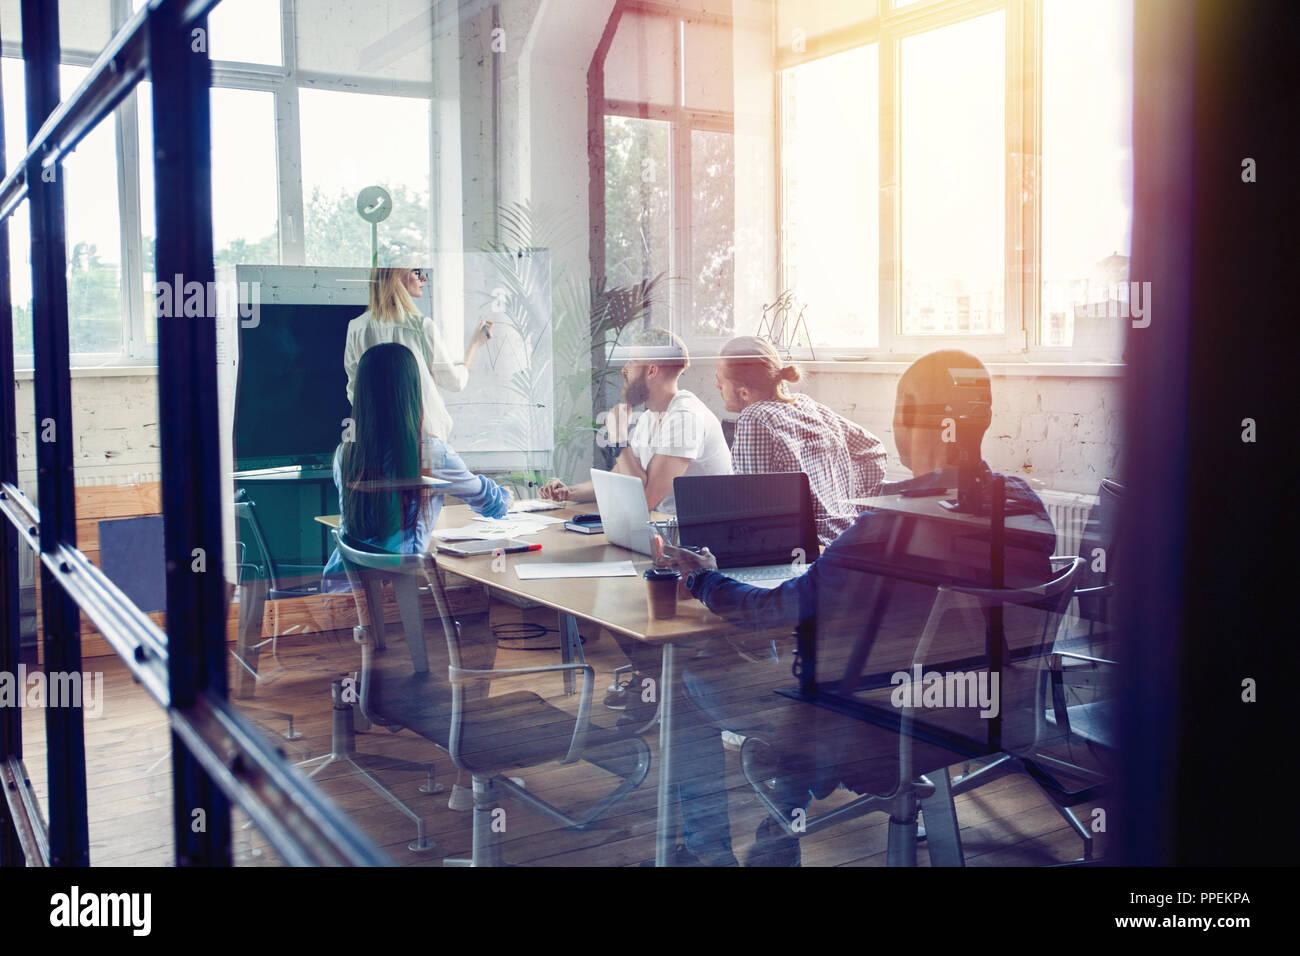 Arbeiten hart, um zu gewinnen. Geschäftsfrau, die Durchführung einer Präsentation mit Flipchart, während in der kreativen Arbeiten im Büro. Stockbild